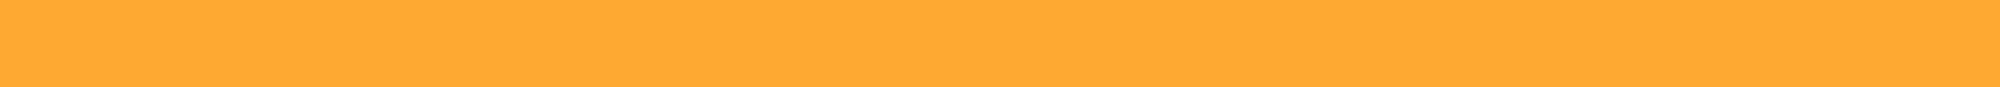 Orangener Streifen